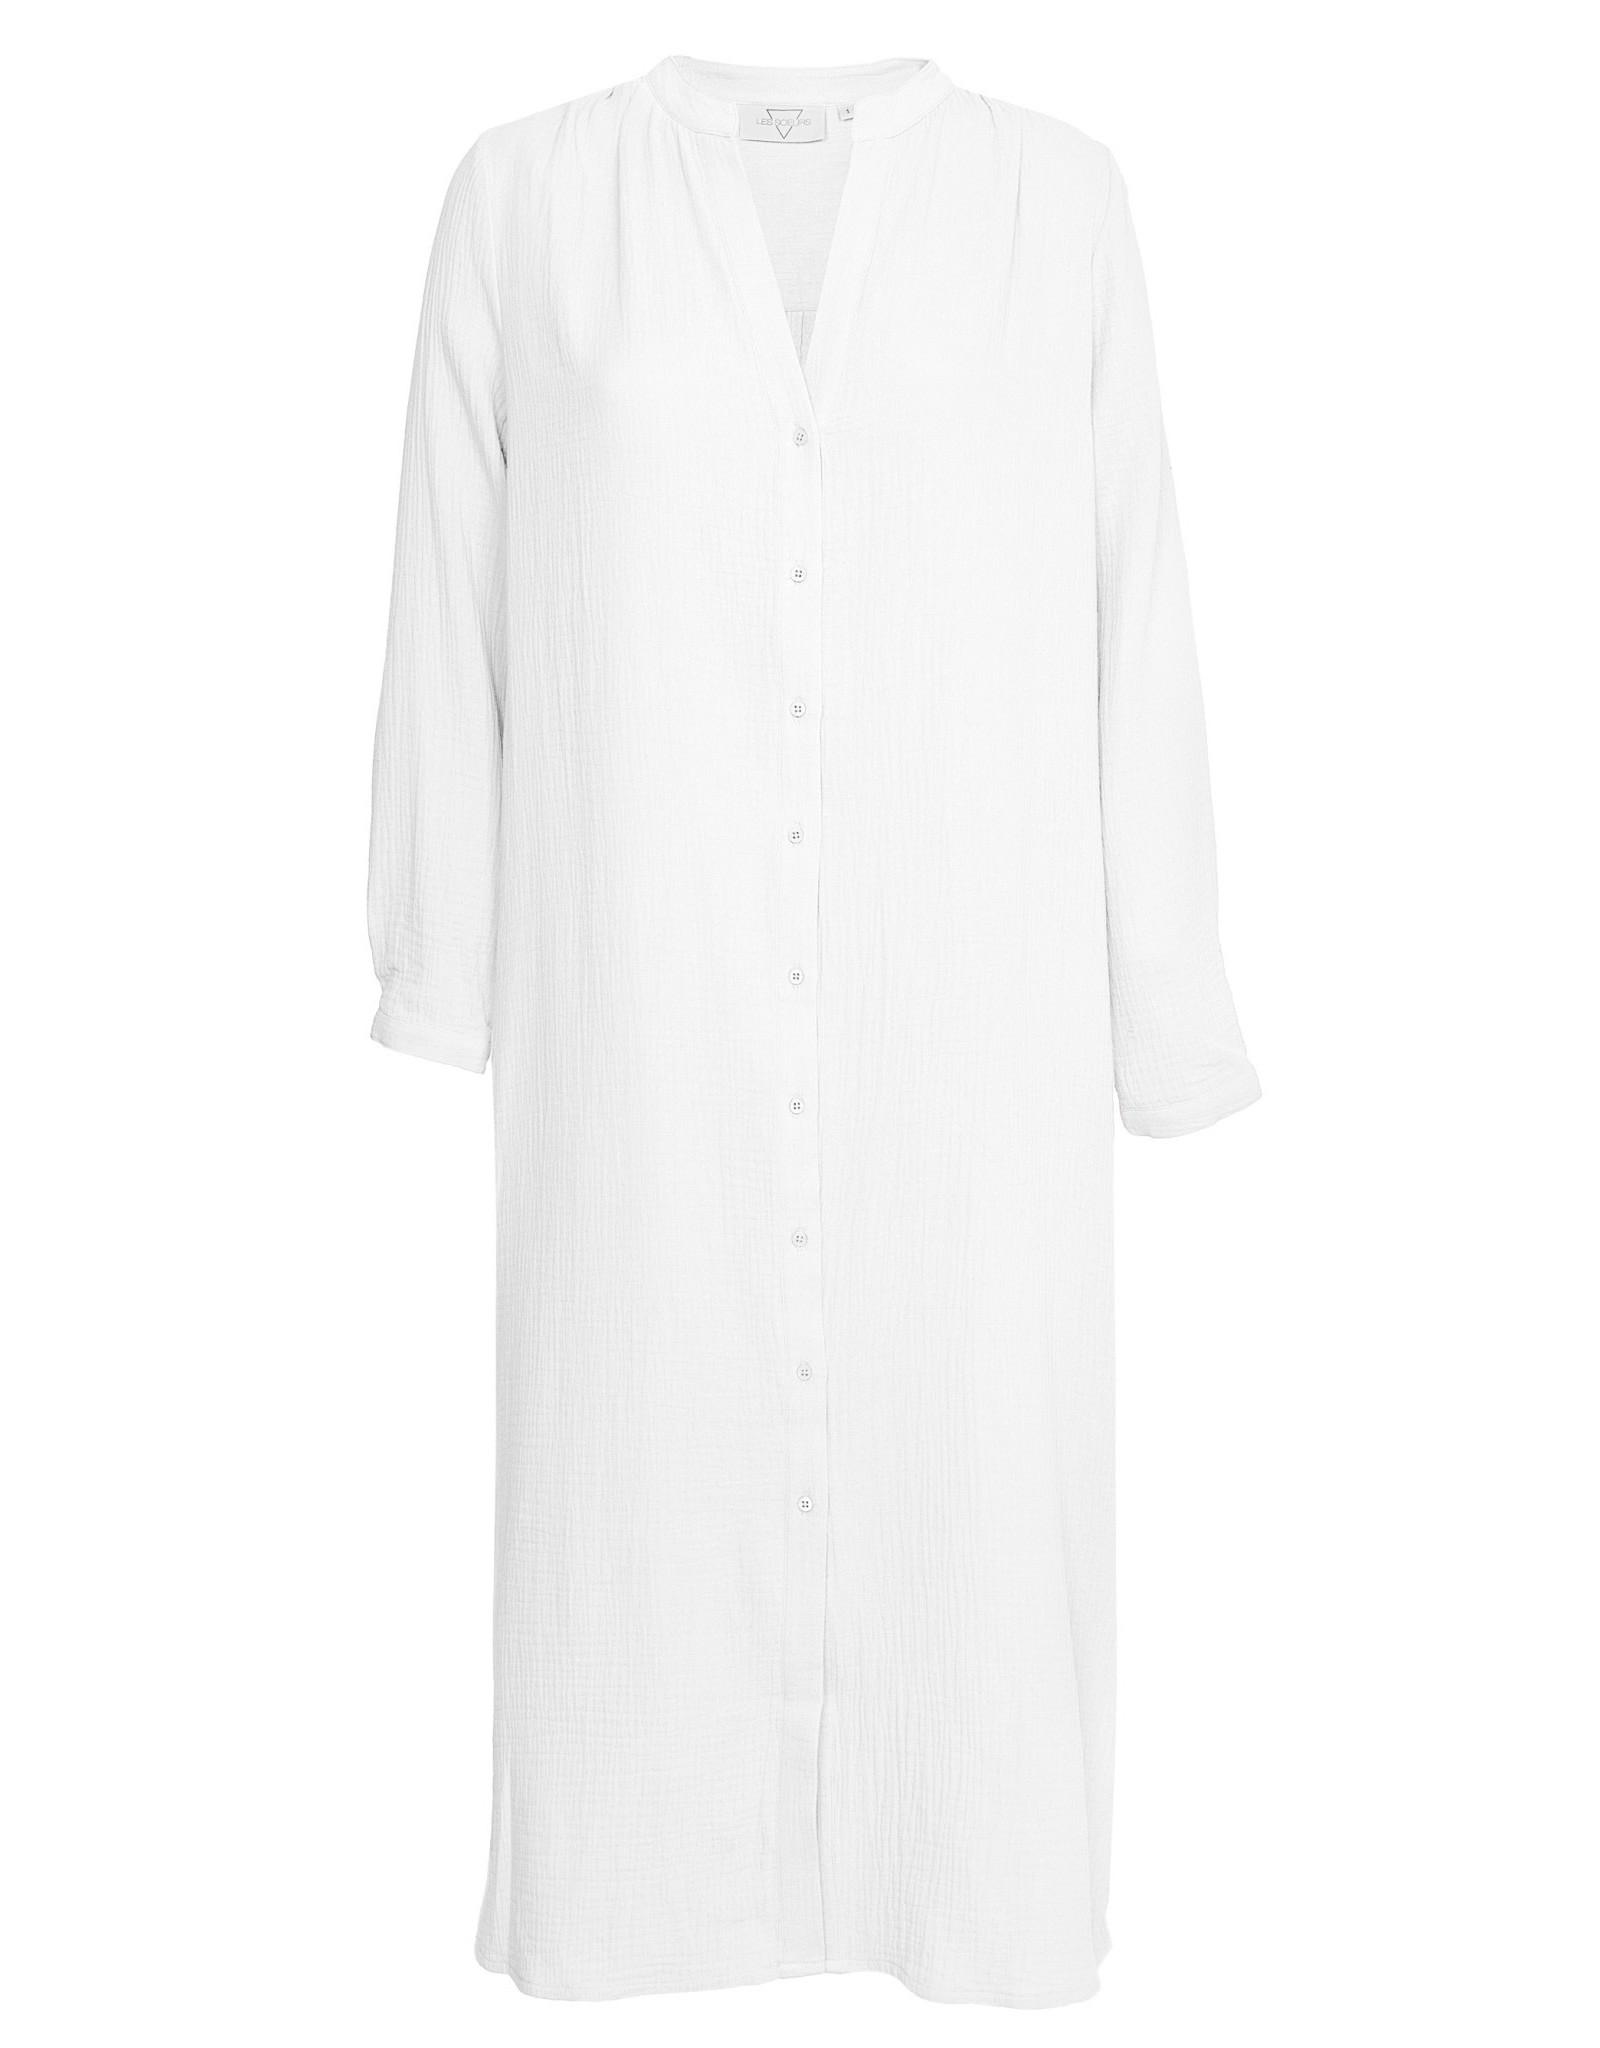 LES SOEURS DRESS BOAS WHITE